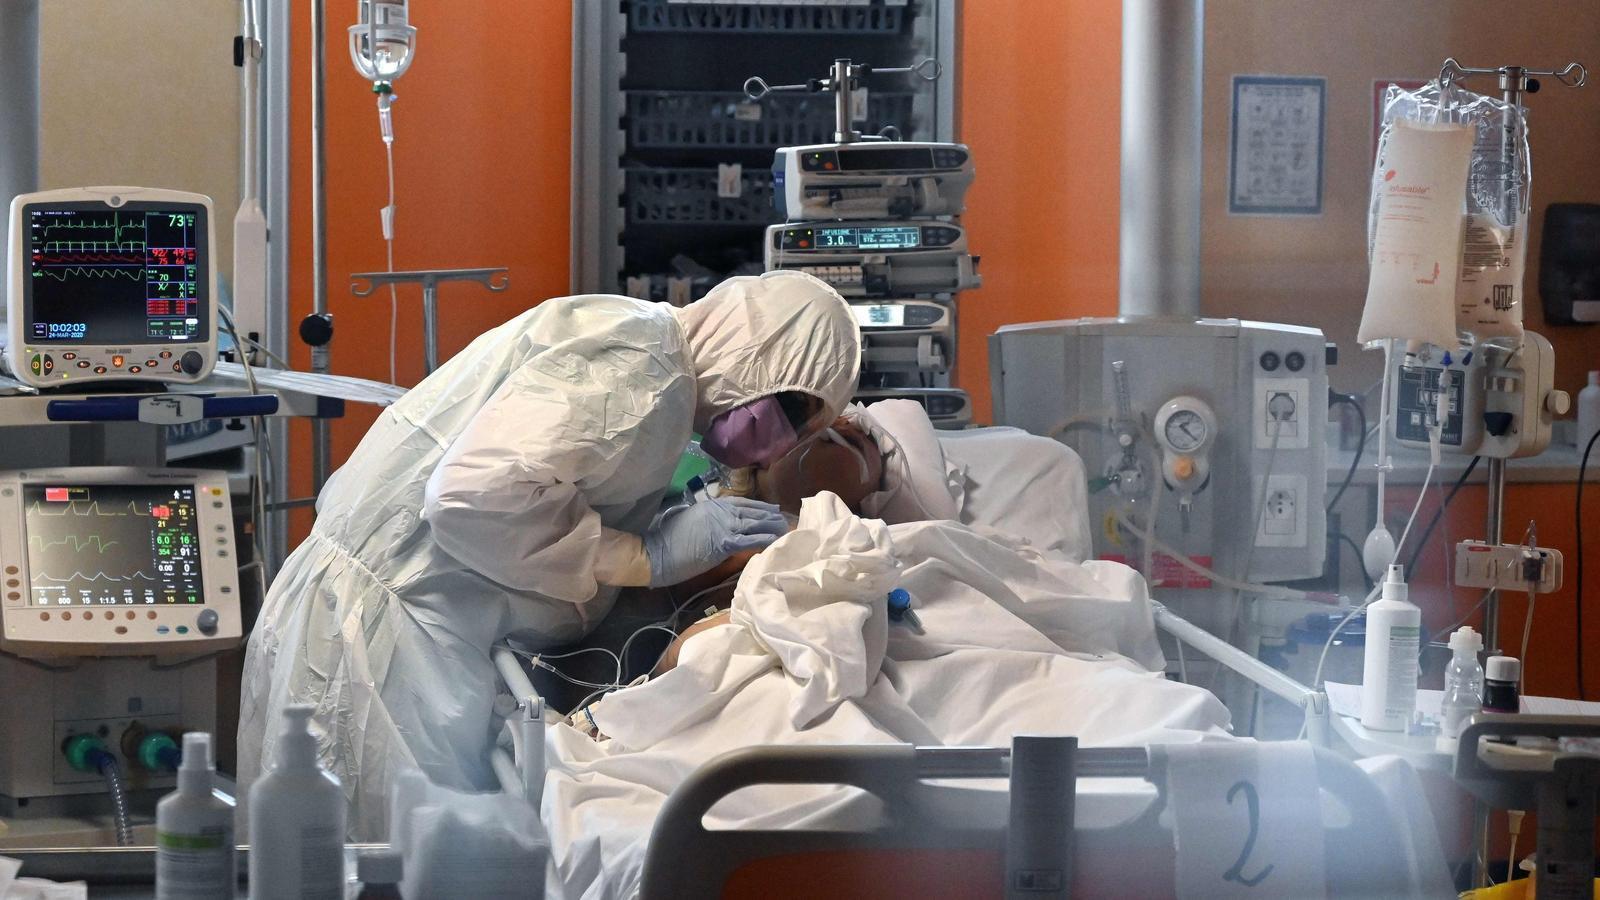 Un sanitari amb l'equip de protecció atén un pacient en un hospital de Roma